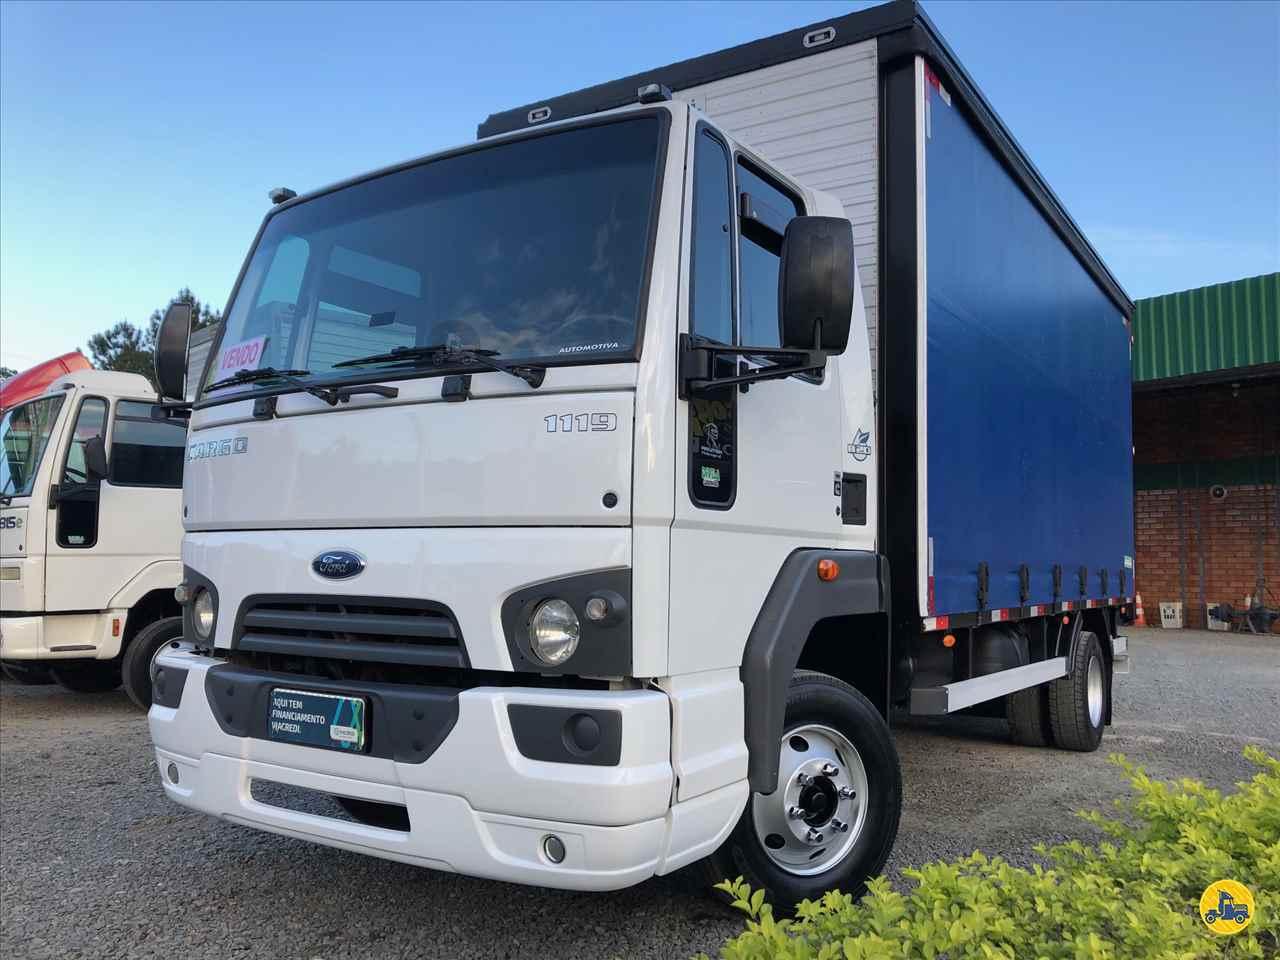 CAMINHAO FORD CARGO 1119 Baú Sider 3/4 4x2 Divisa Caminhões INDAIAL SANTA CATARINA SC